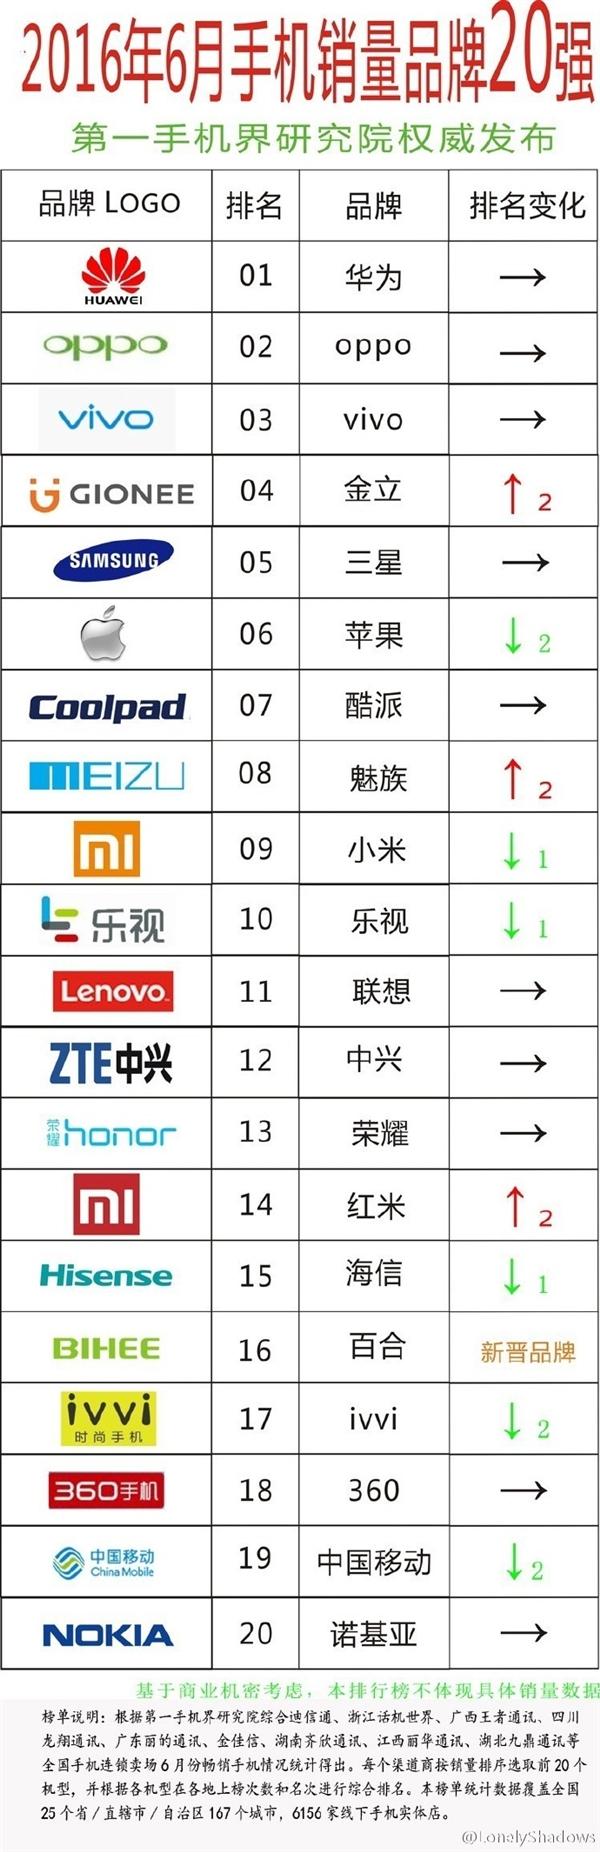 هواوی پر فروش ترین کمپانی تلفن همراه در چین